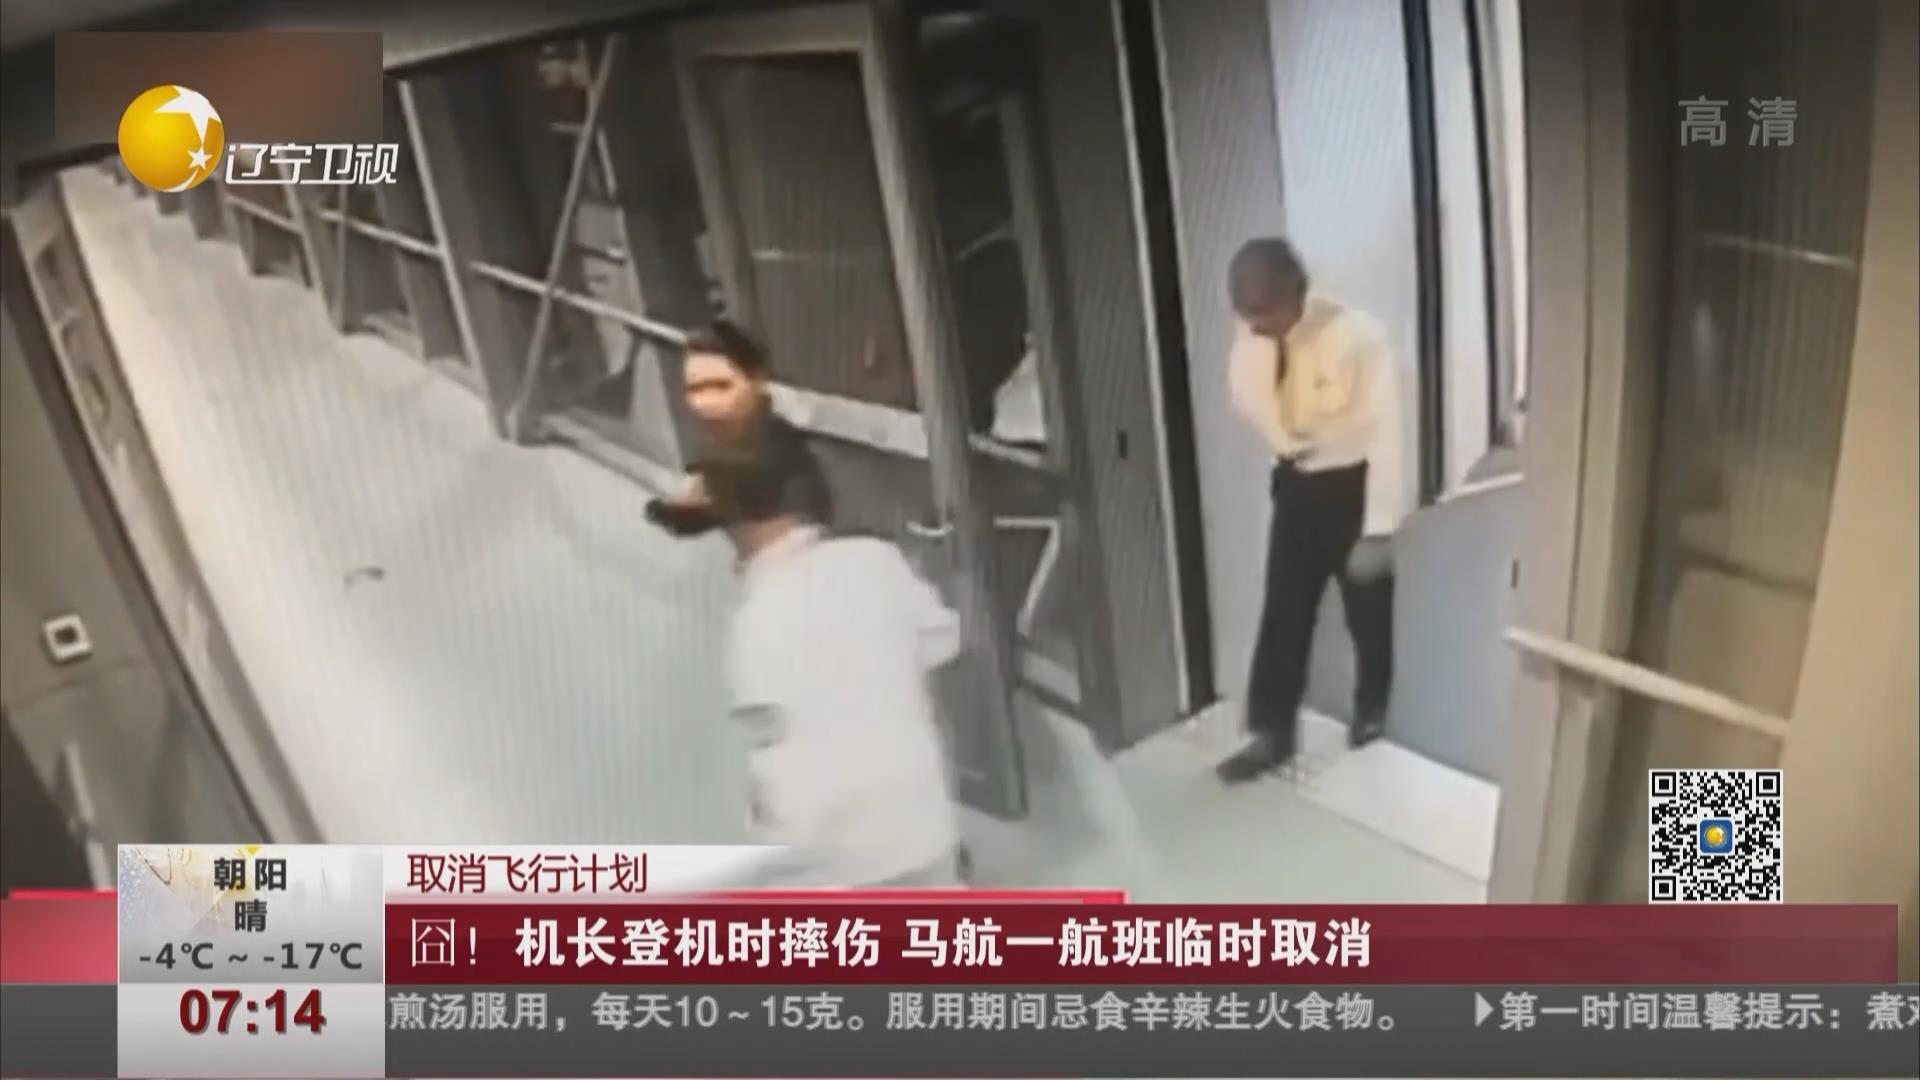 囧! 機長登機時摔傷 馬航一航班臨時取消